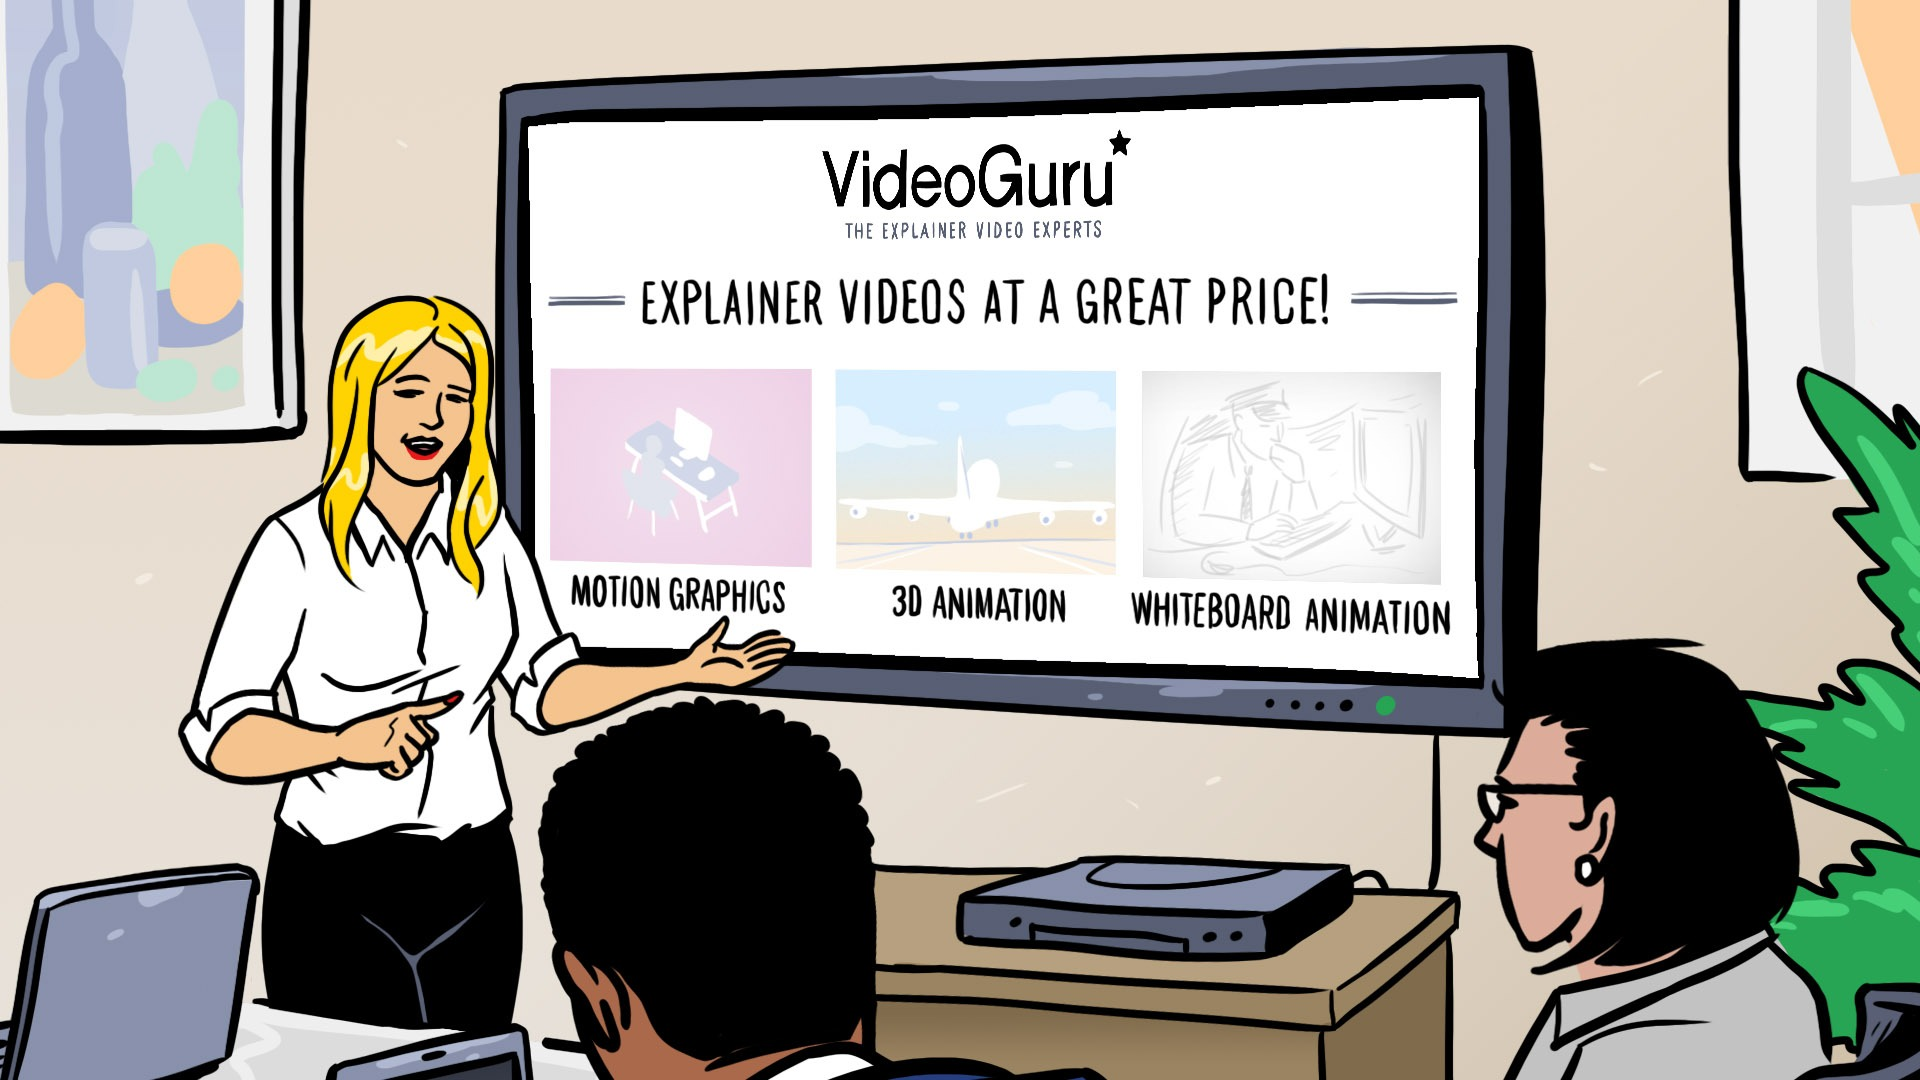 סרטוני וידאו שיווקיים לעסקים